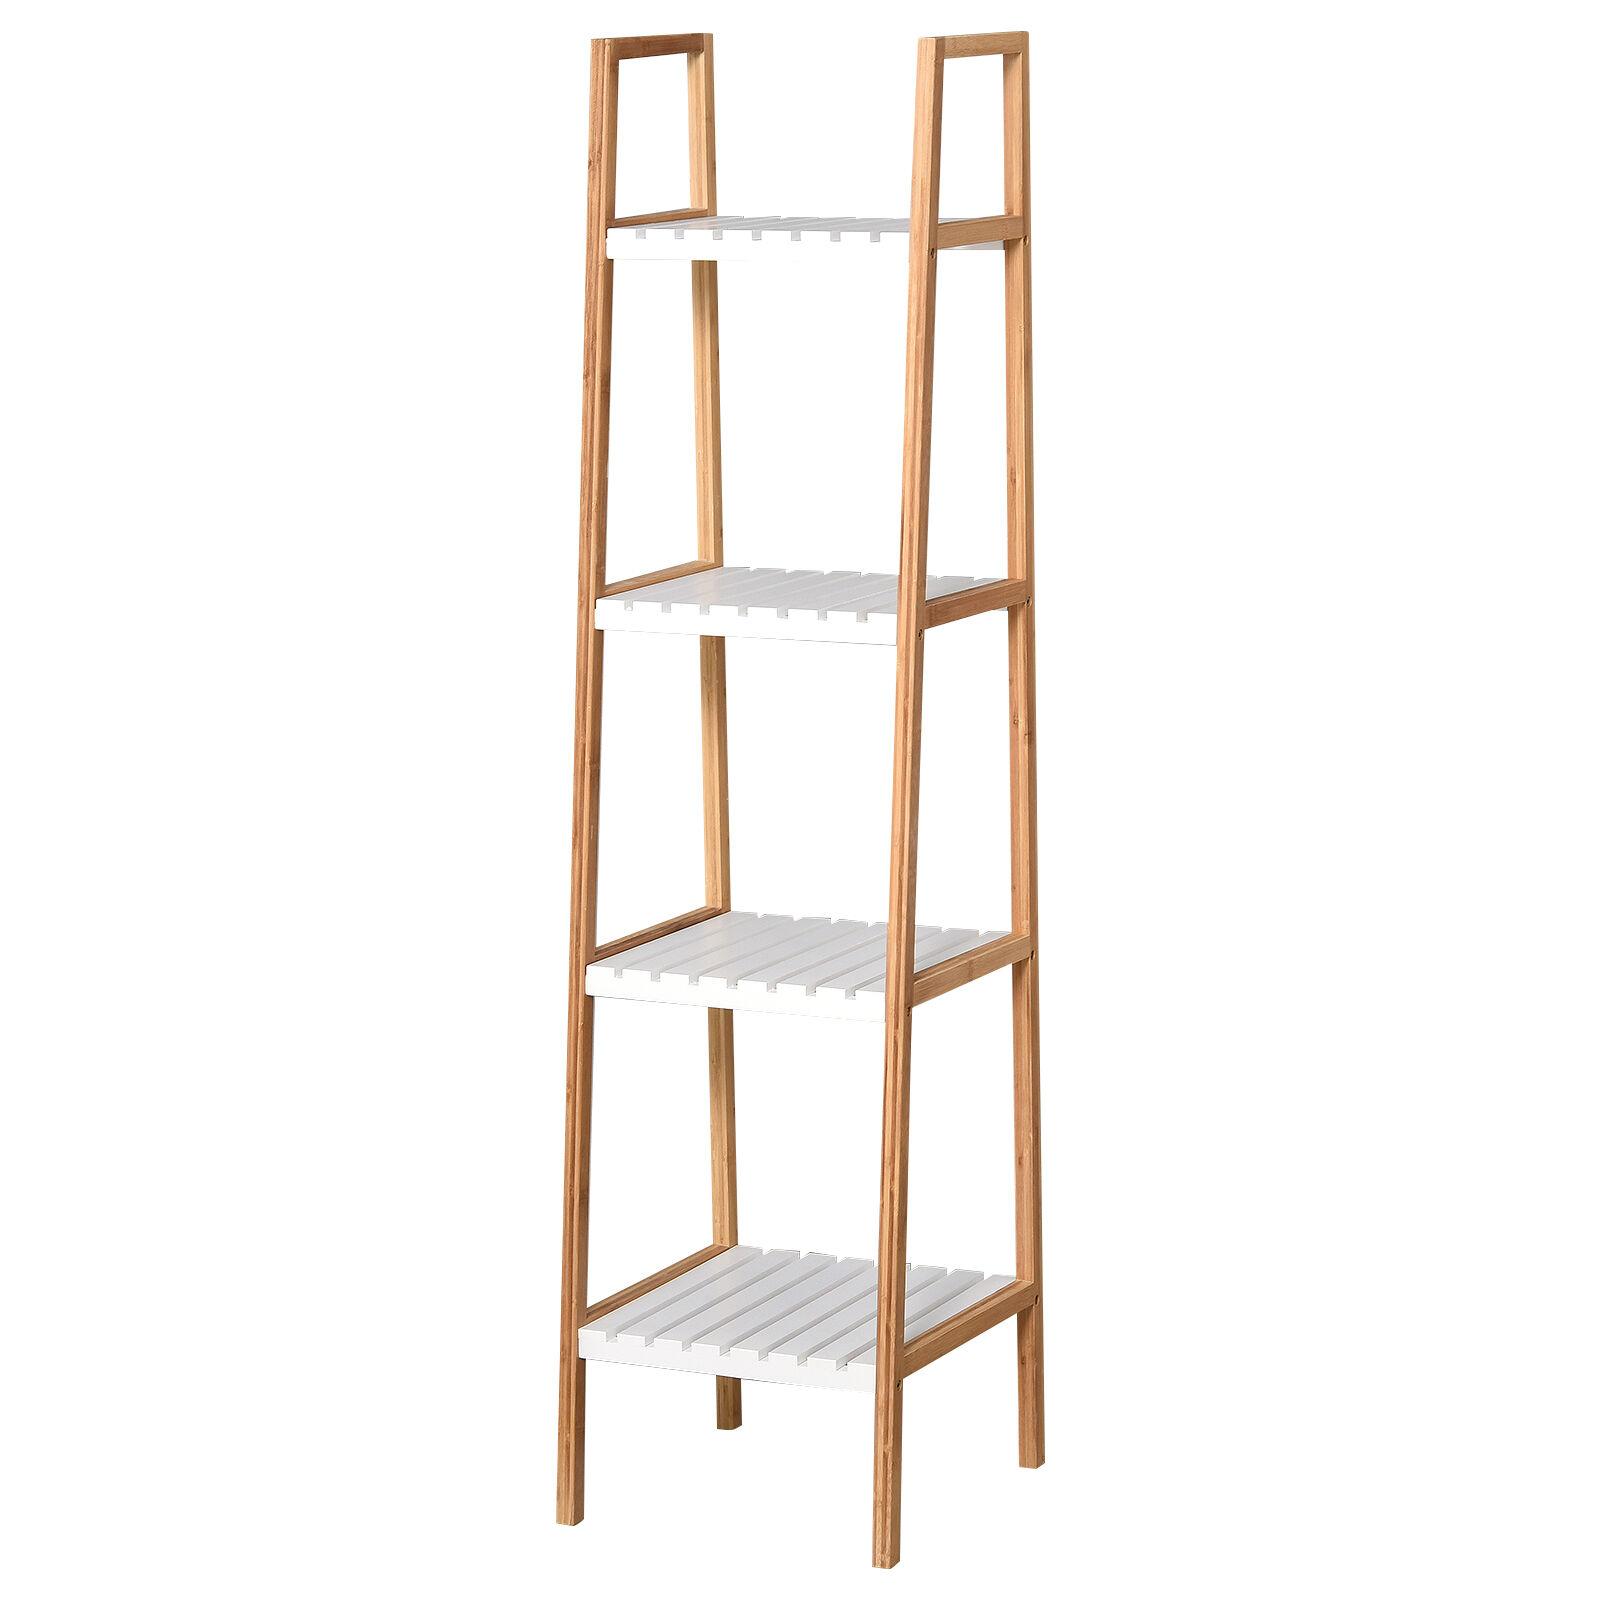 Homcom Etagre salle de bain bambou 4 niveaux bois pin blanc